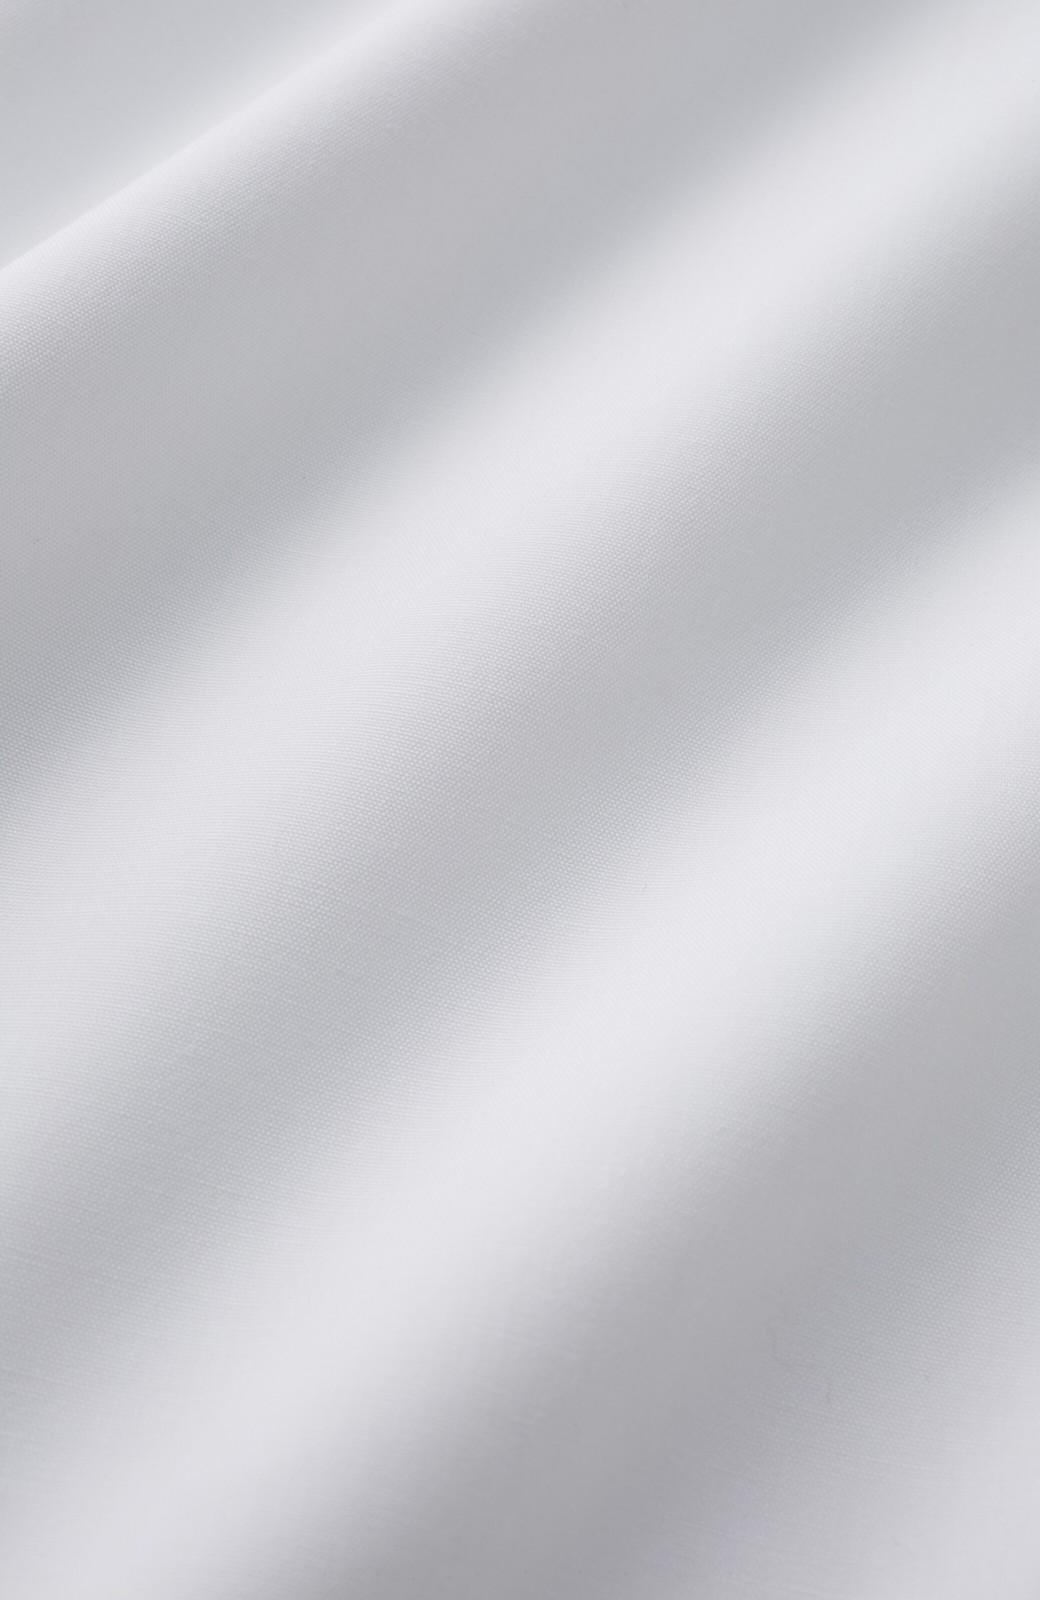 haco! 【あまる肩幅党】肩幅広めがなんのその! きちんと見えて肩まわりゆったりの定番スタンドカラーシャツ <ホワイト>の商品写真3